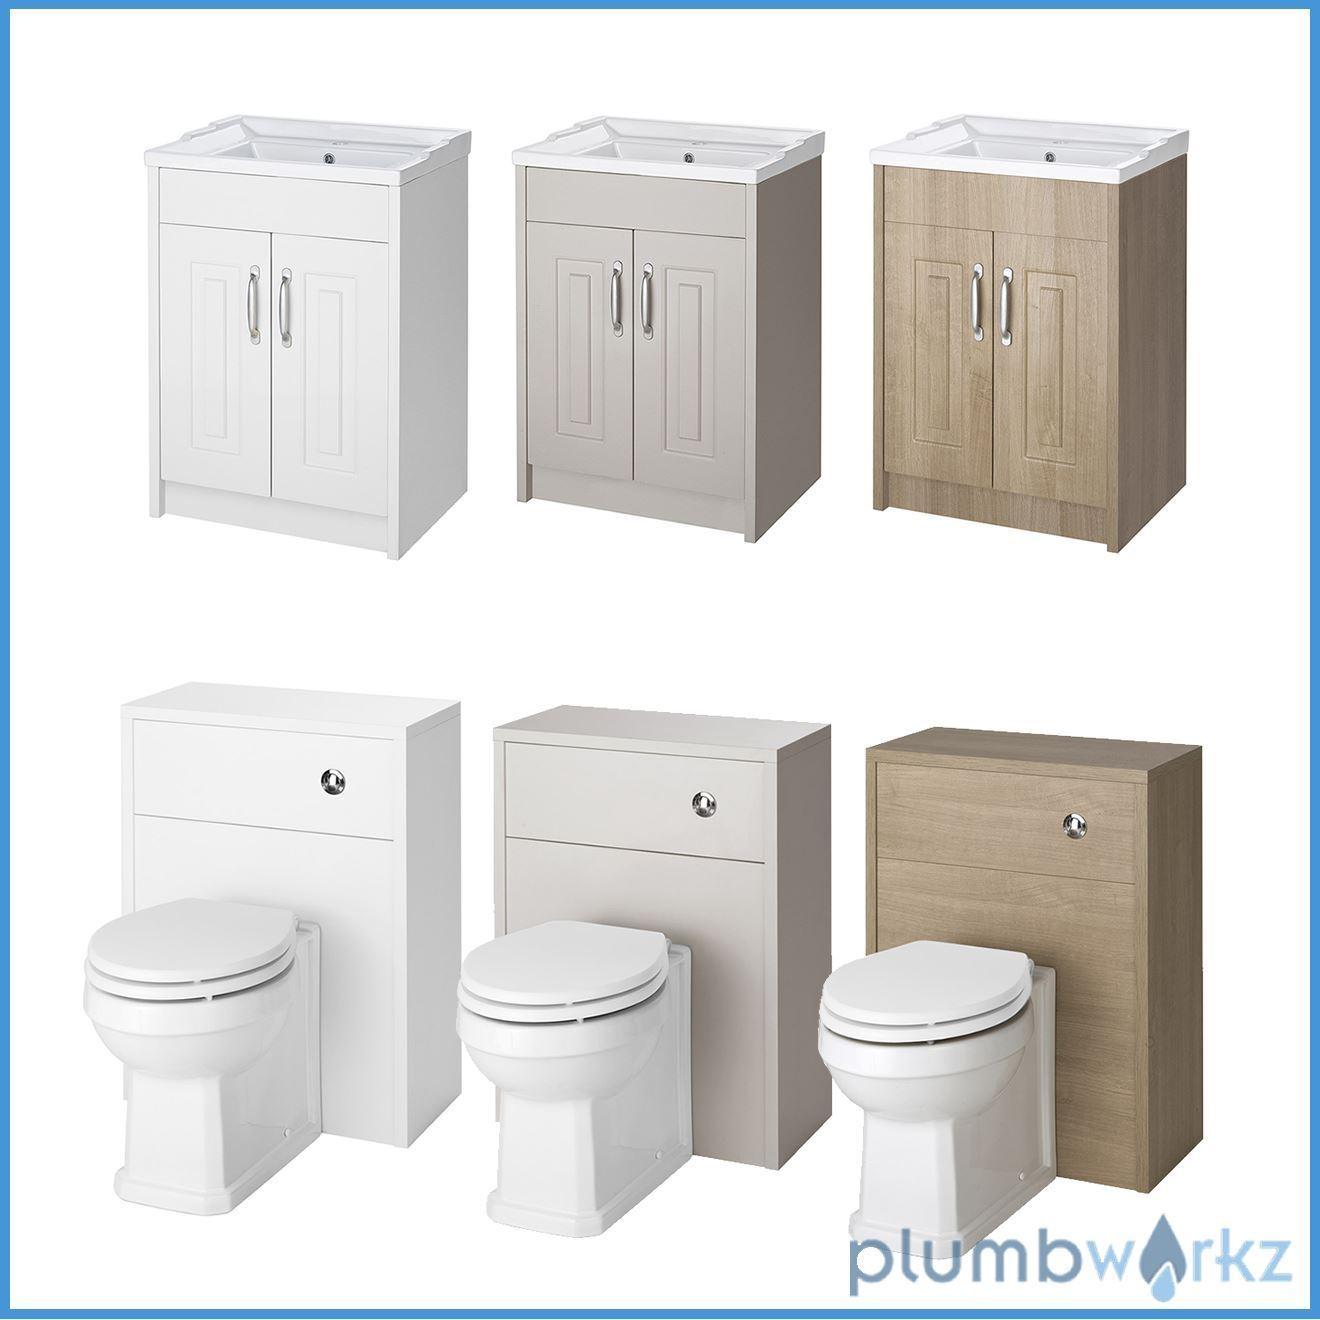 White, Stone Grey & Oak Bathroom Furniture With Toilet